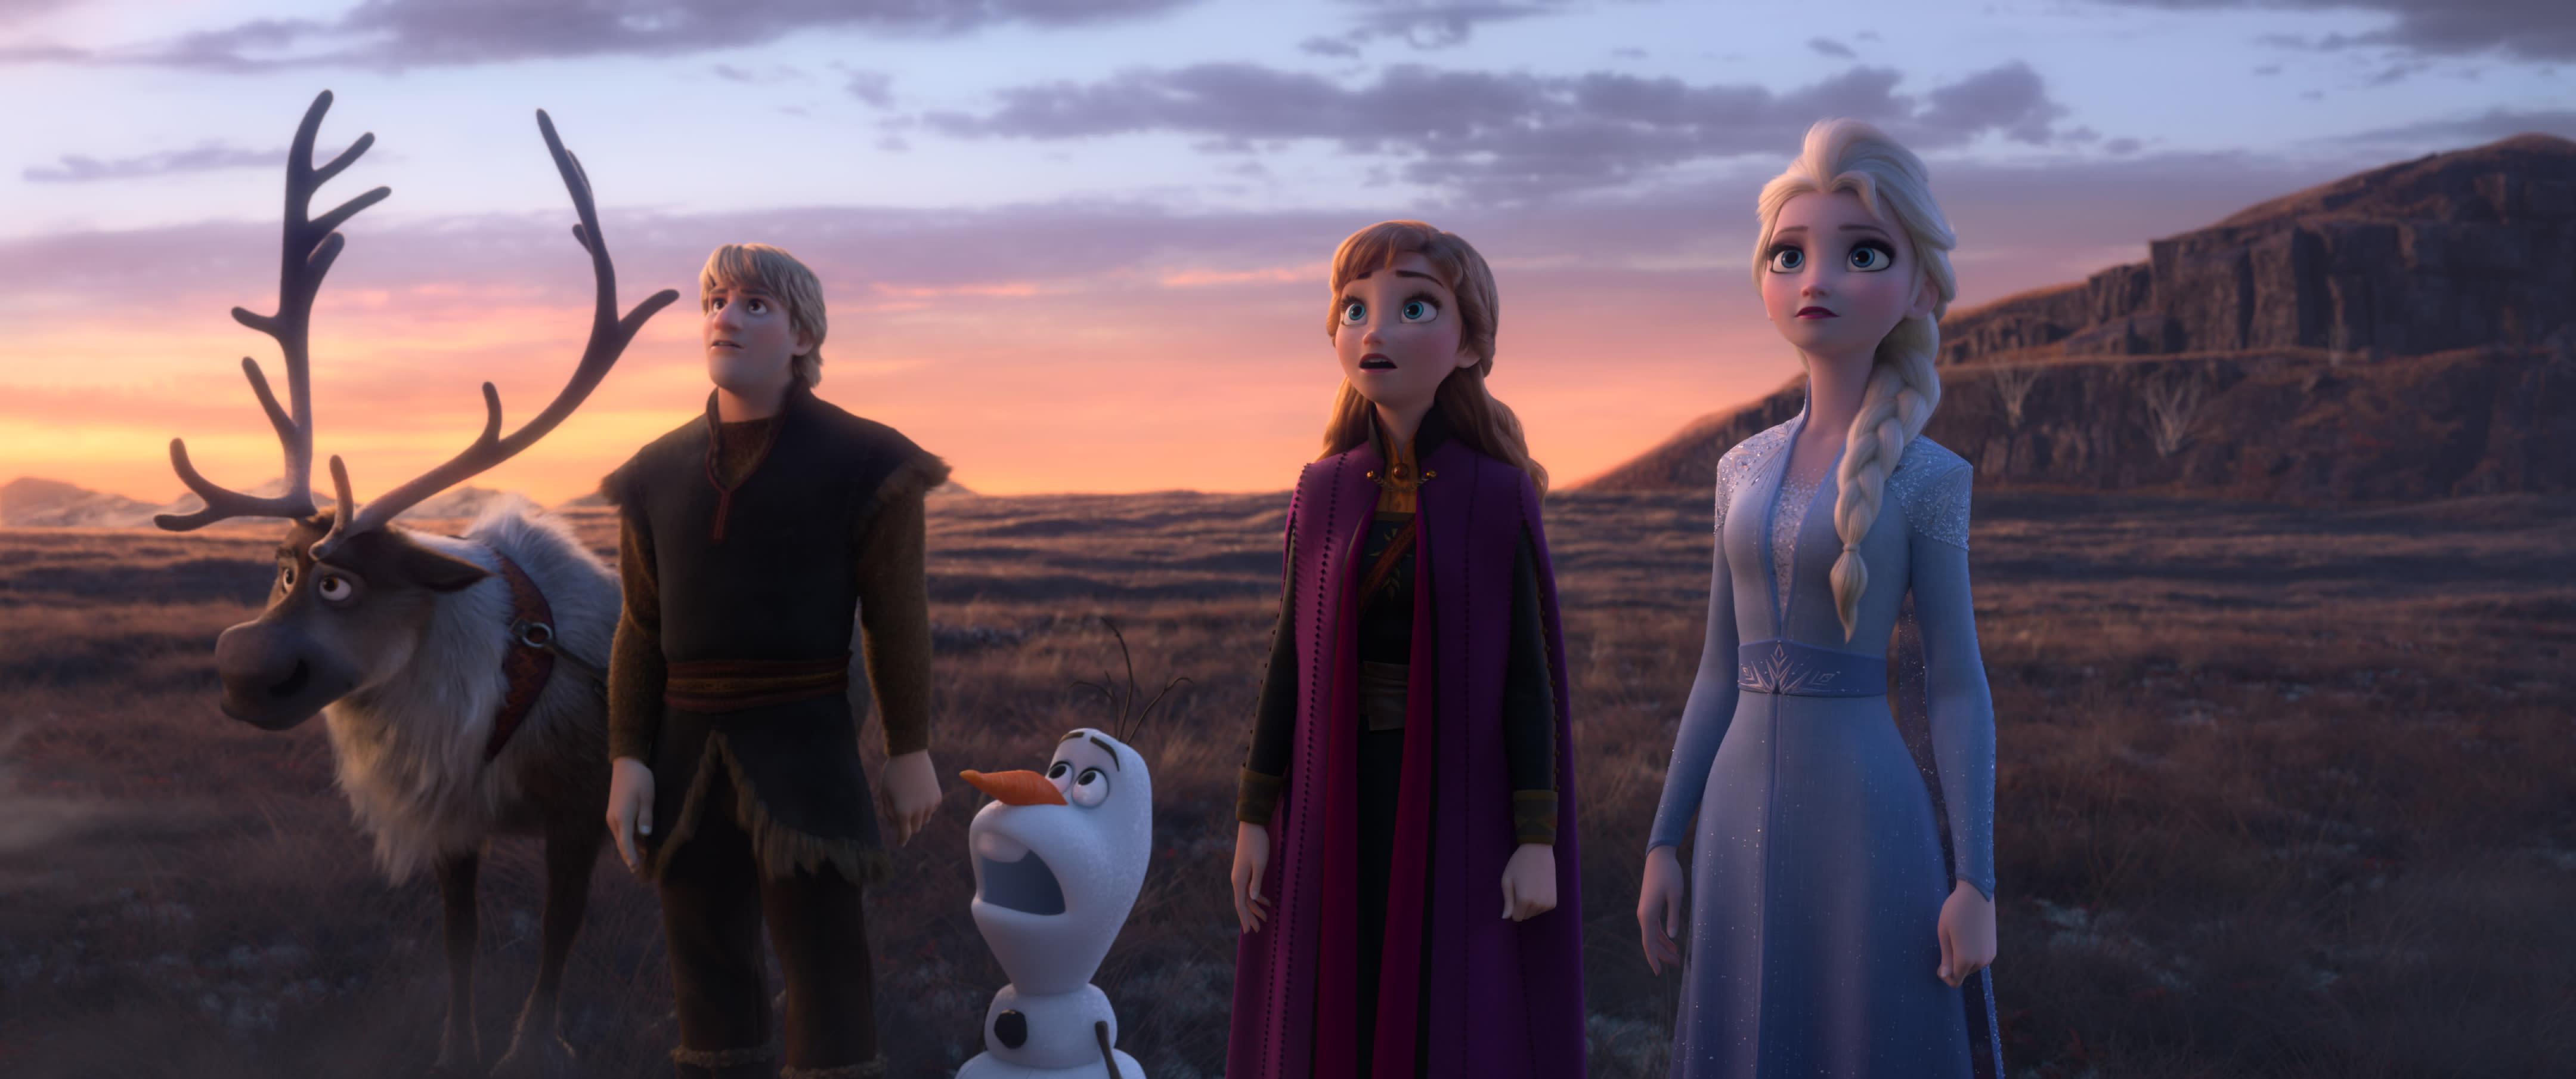 In <em>Frozen 2,</em> Elsa, Anna, Kristoff, Olaf and Sven journey far beyond the gates of Arendelle (© 2019 Disney. All Rights Reserved.)